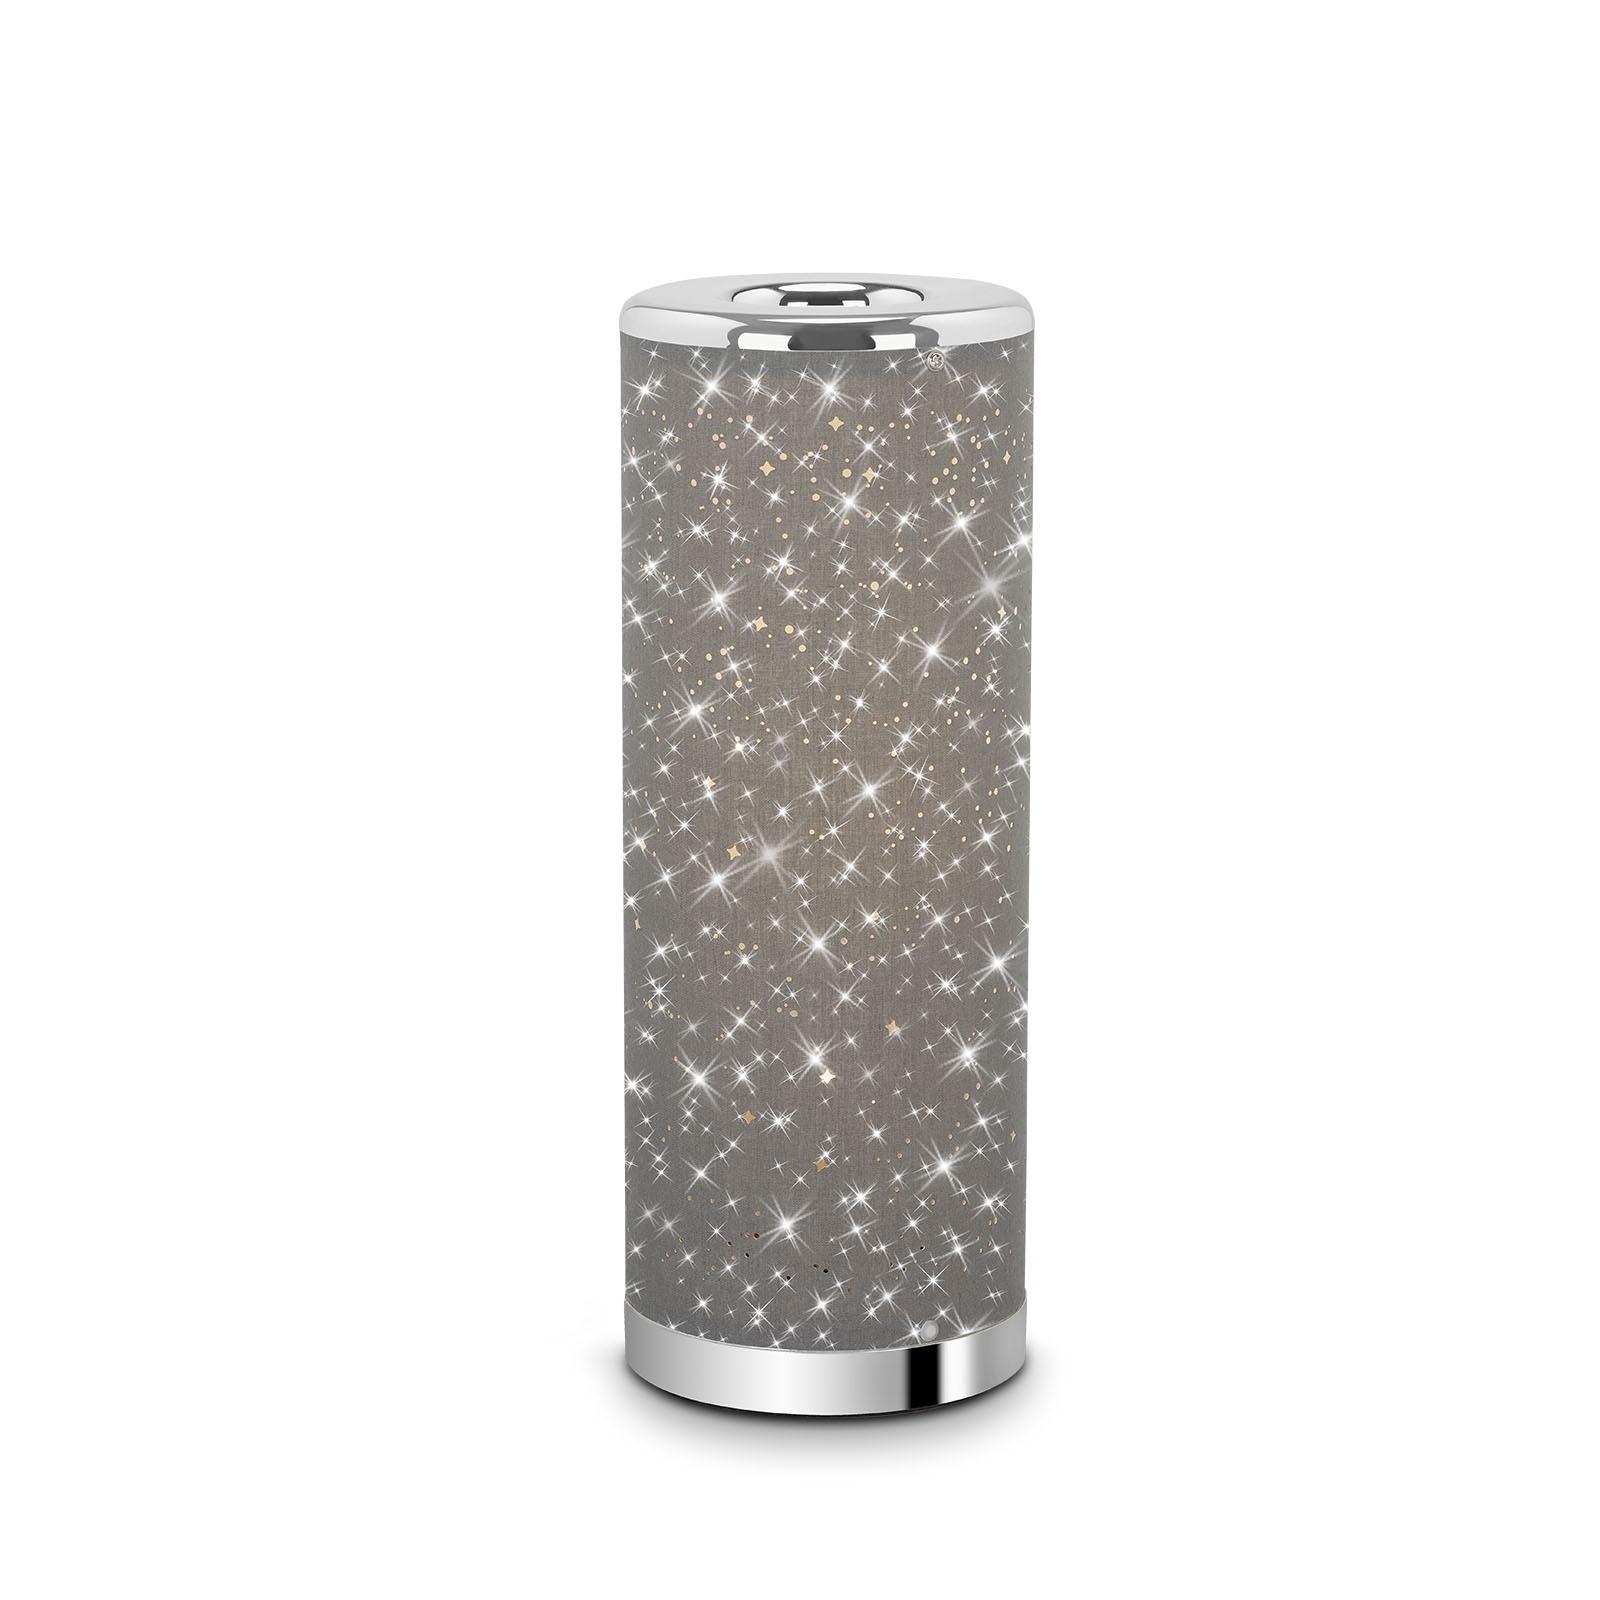 Sternenhimmel LED-Tischleuchte Grau-Chrom